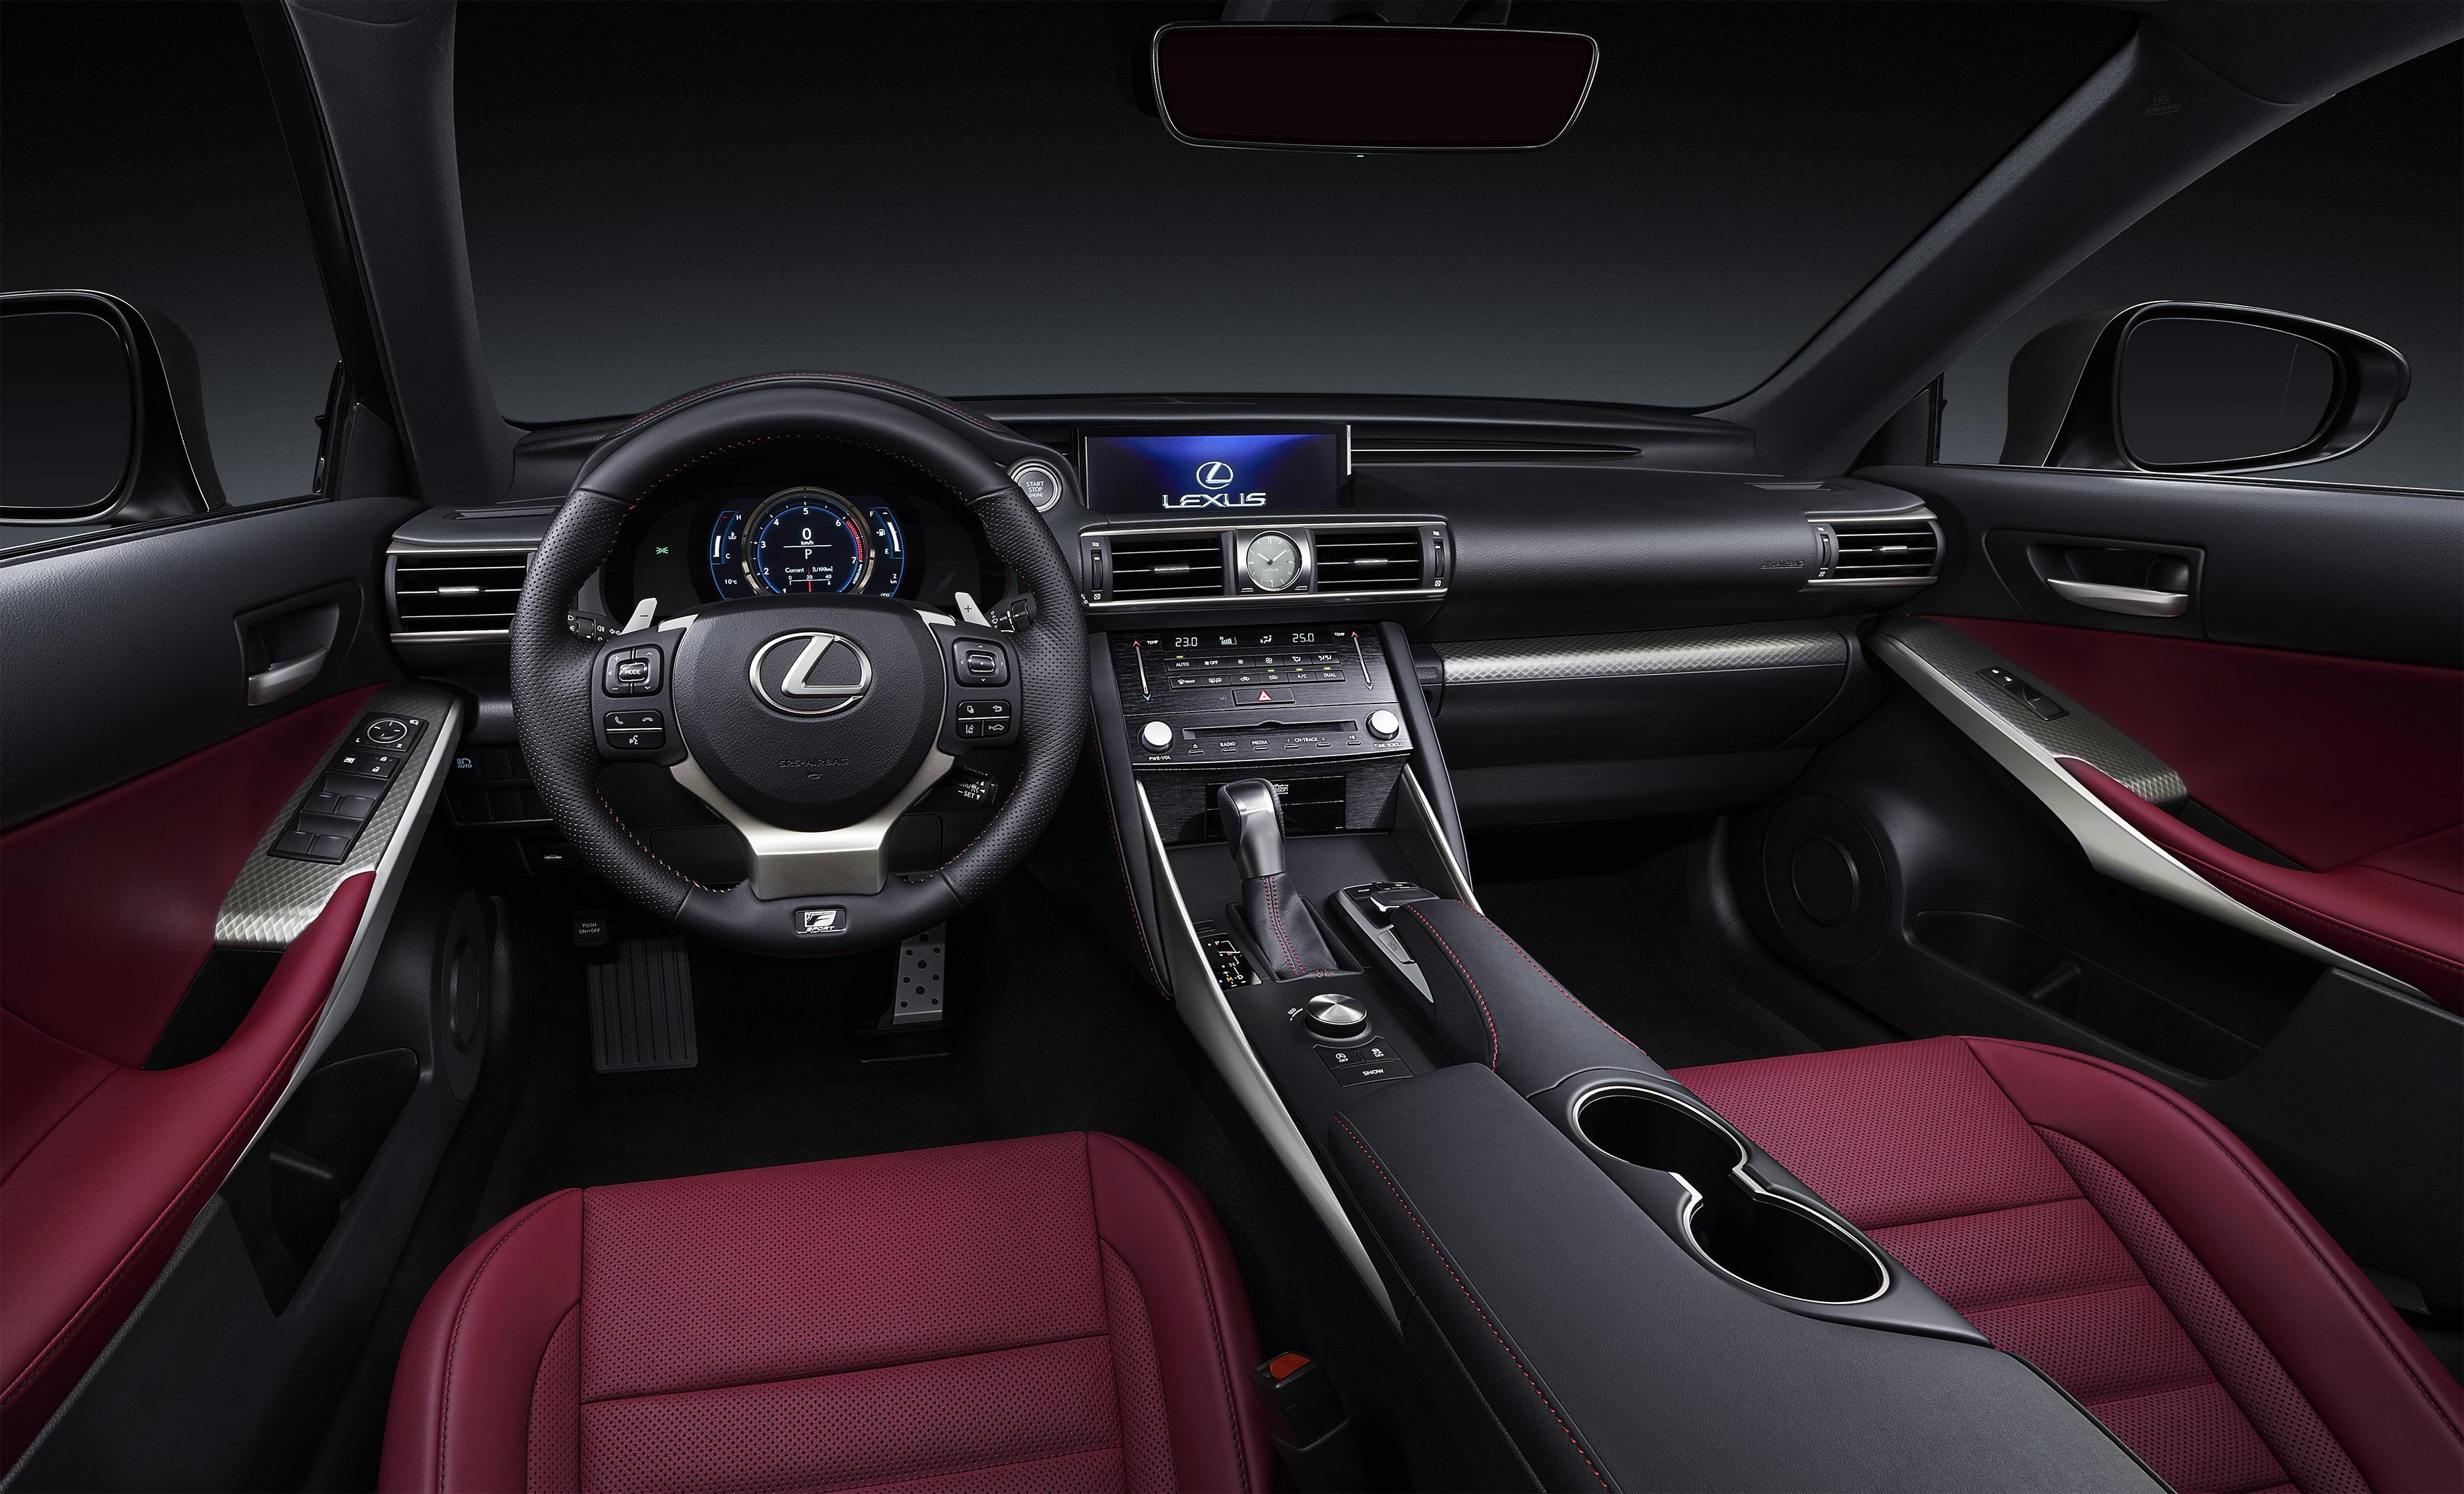 Lexus_IS_006_4A825B4C90918AE766CCF7C55EBA54F6766EFBDA